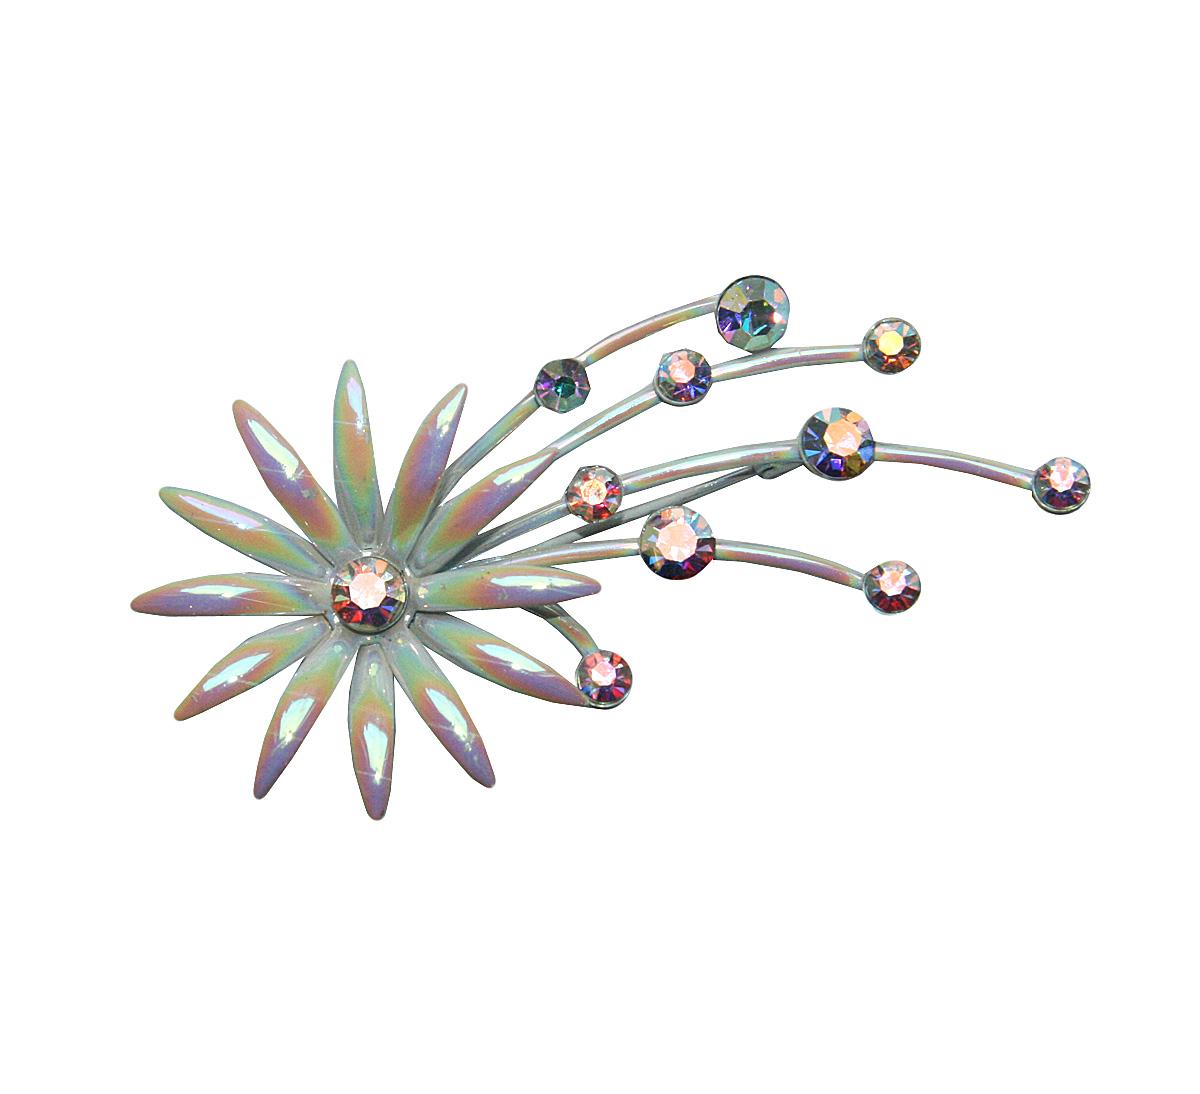 Винтажная брошь Волшебный цветок. Металл, эмаль перламутрового цвета, кристаллы с эффектом Аврора Бореалис. США, 1960-е годыНПО 040417-08Винтажная брошь Волшебный цветок. Металл, эмаль перламутрового цвета, кристаллы с эффектом Аврора Бореалис. США, 1960-е годы. Размер броши 4 х 8 см. Сохранность отличная.